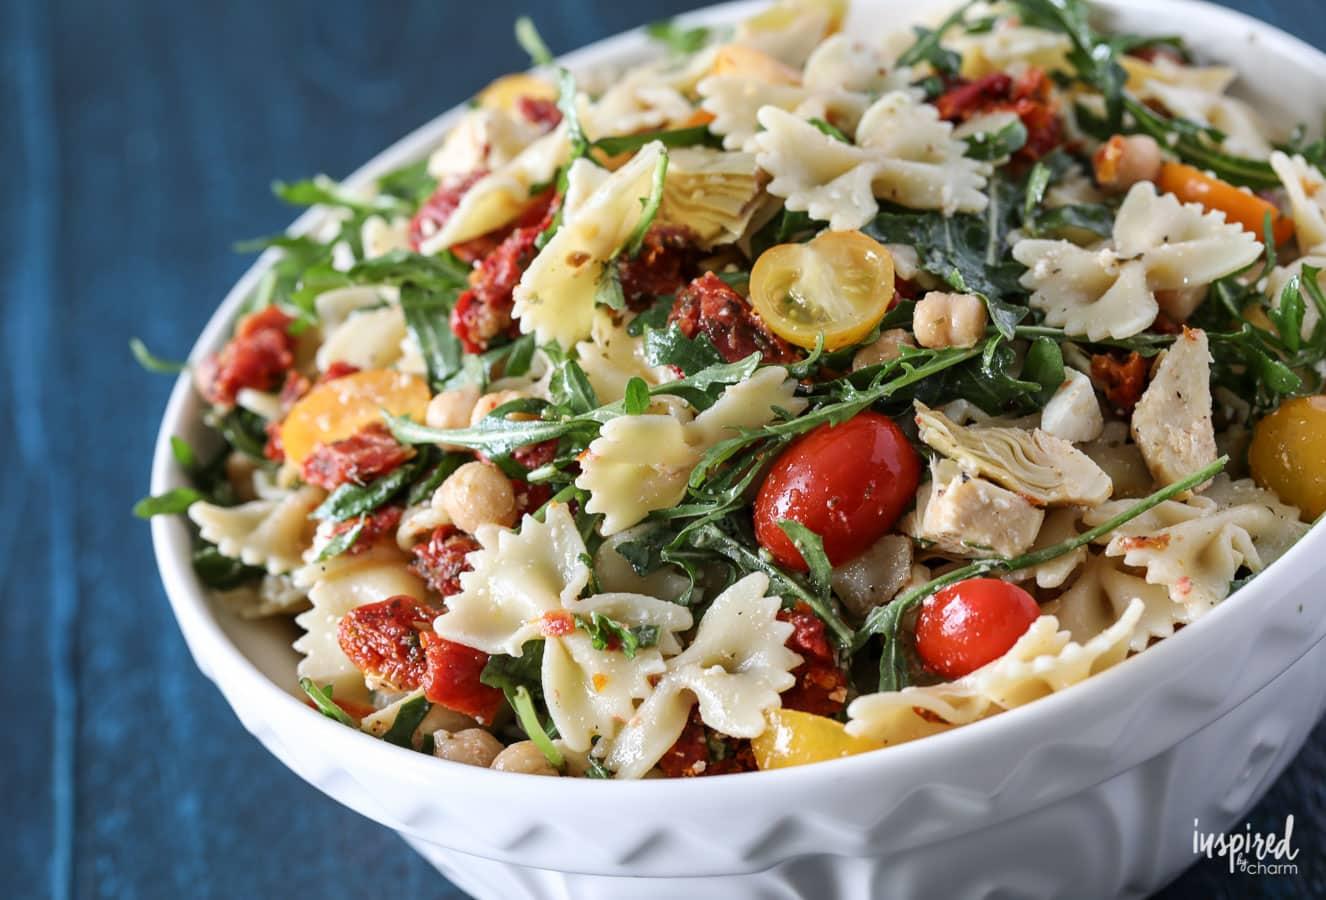 Sun dried tomato pasta salad recipe